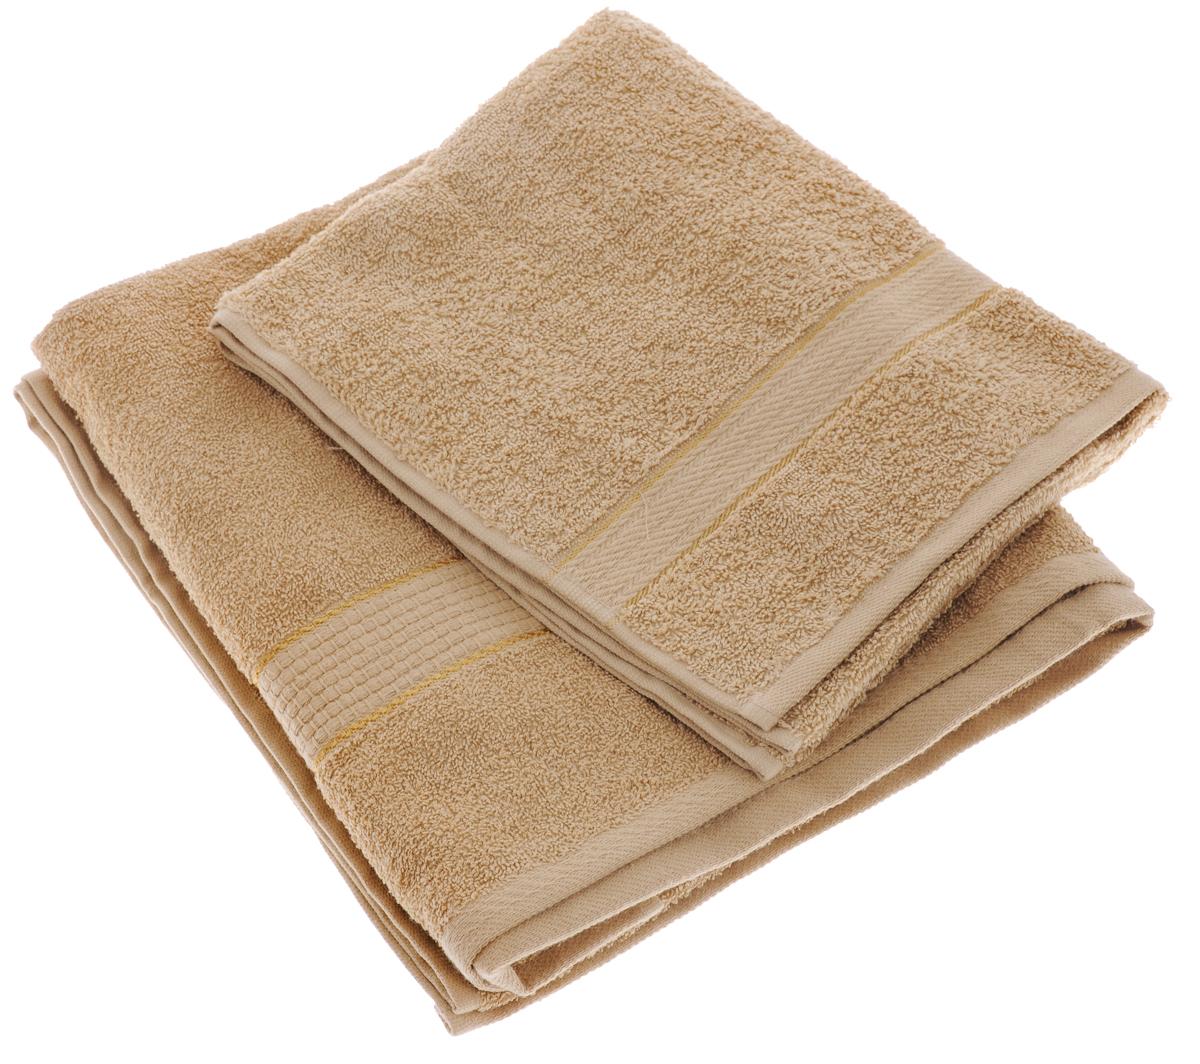 Набор махровых полотенец Aisha Home Textile, цвет: светло-коричневый, 2 шт. УзТ-НПМ-102531-105Набор Aisha Home Textile состоит из двух махровых полотенец разного размера. В состав входит только натуральное волокно - 100% хлопок. Лаконичные бордюры подойдут для любого интерьера ванной комнаты. Полотенца прекрасно впитывают влагу и быстро сохнут. При соблюдении рекомендаций по уходу не линяют и не теряют форму даже после многократных стирок.Комплектация: 2 шт.